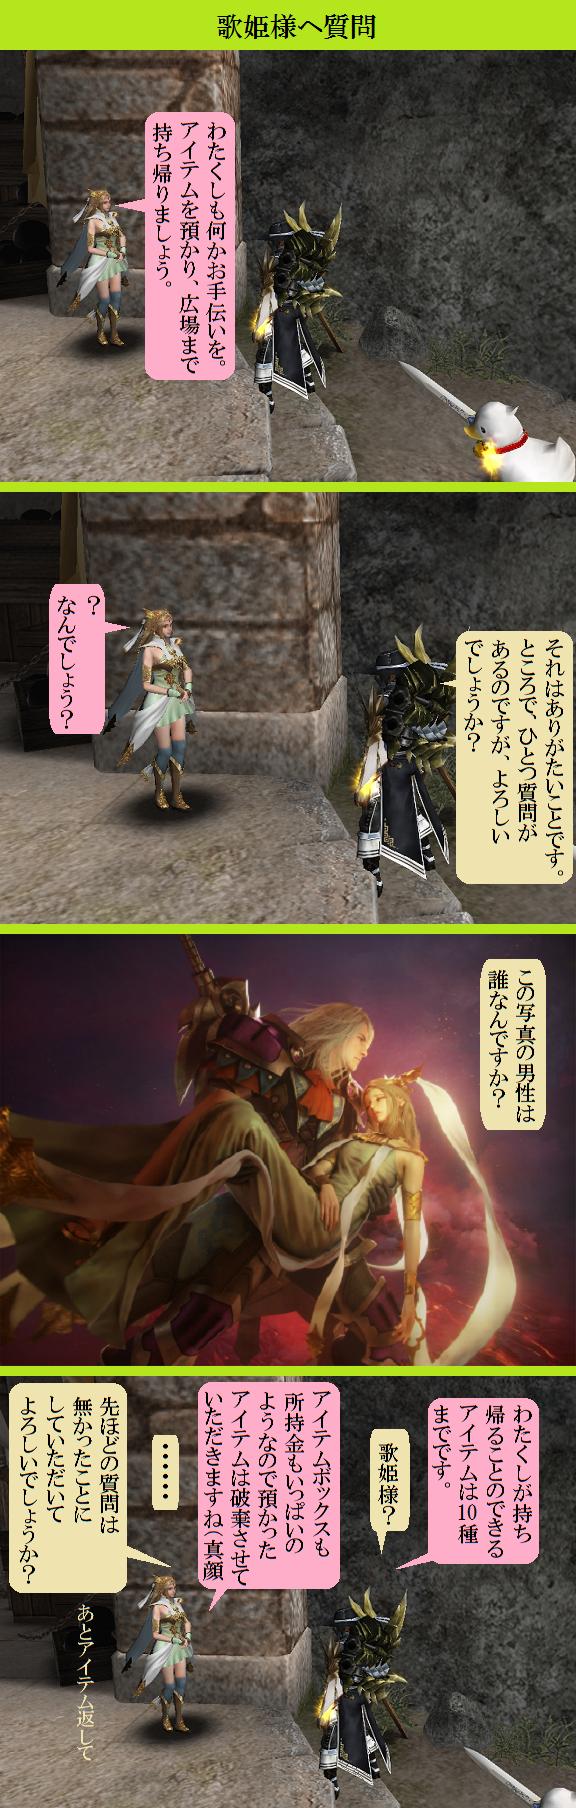 20161221 「歌姫様へ質問」